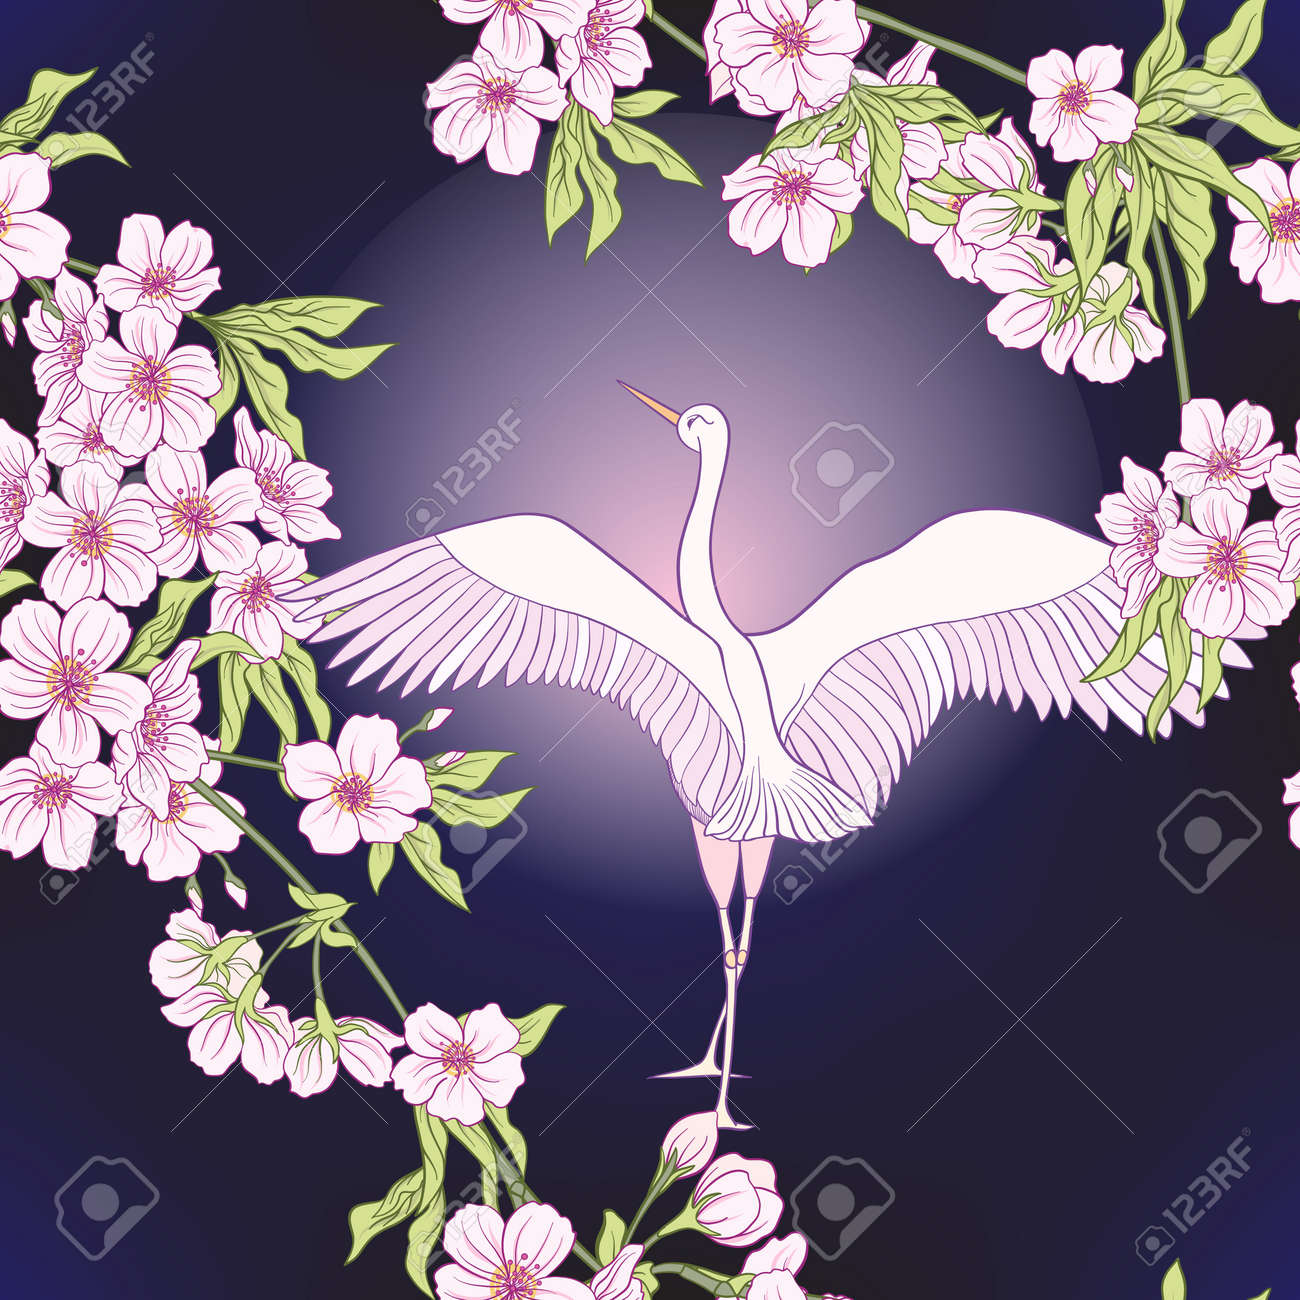 1eb03087f7 Foto de archivo - Patrón sin fisuras con flor japonesa sakura y grúa